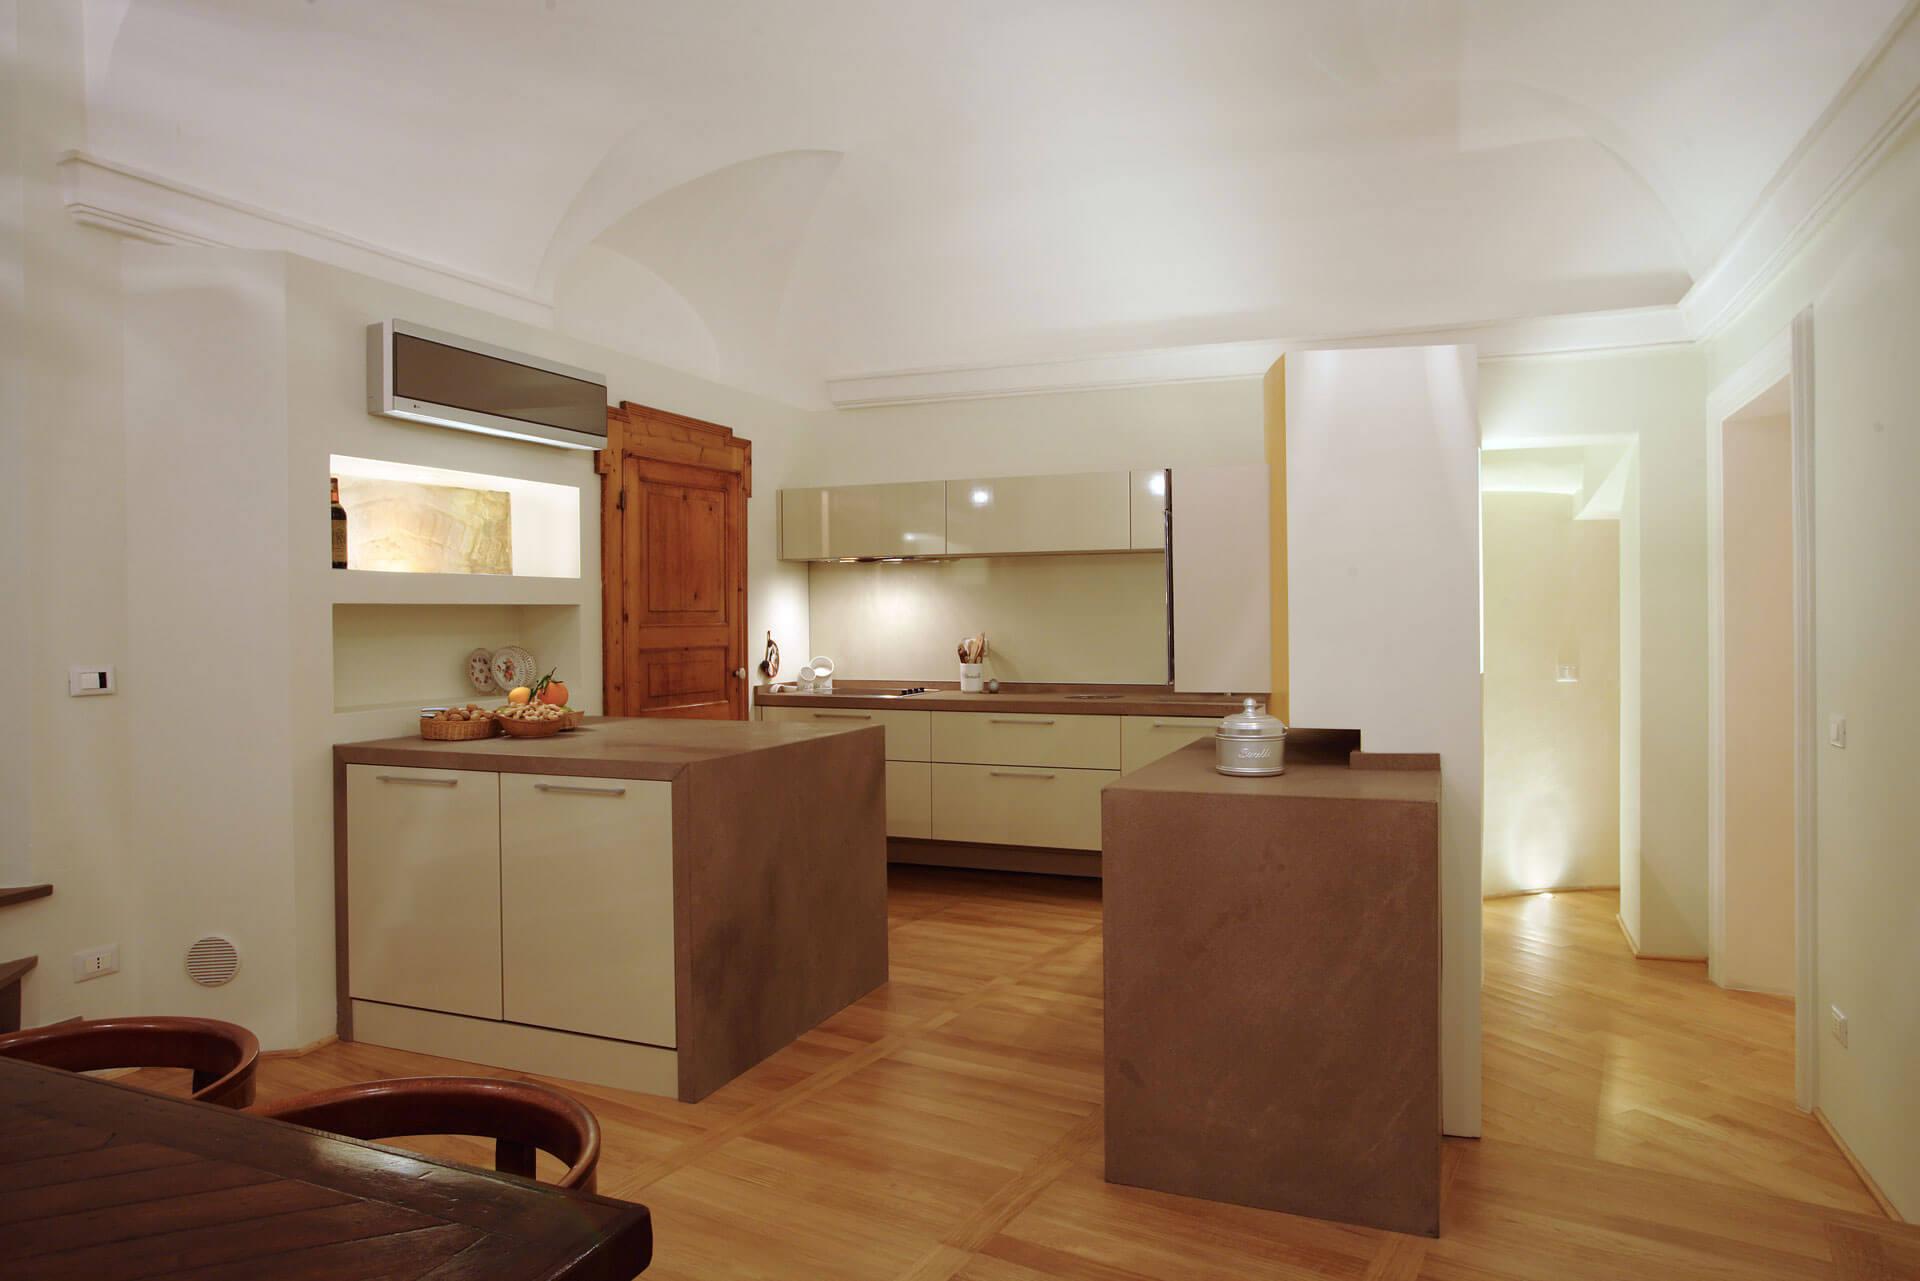 micaela-mazzoni-studio-interior-designer-bologna-progetti-abitativi-gallery-appartamento-via-cesare-battisti-bologna